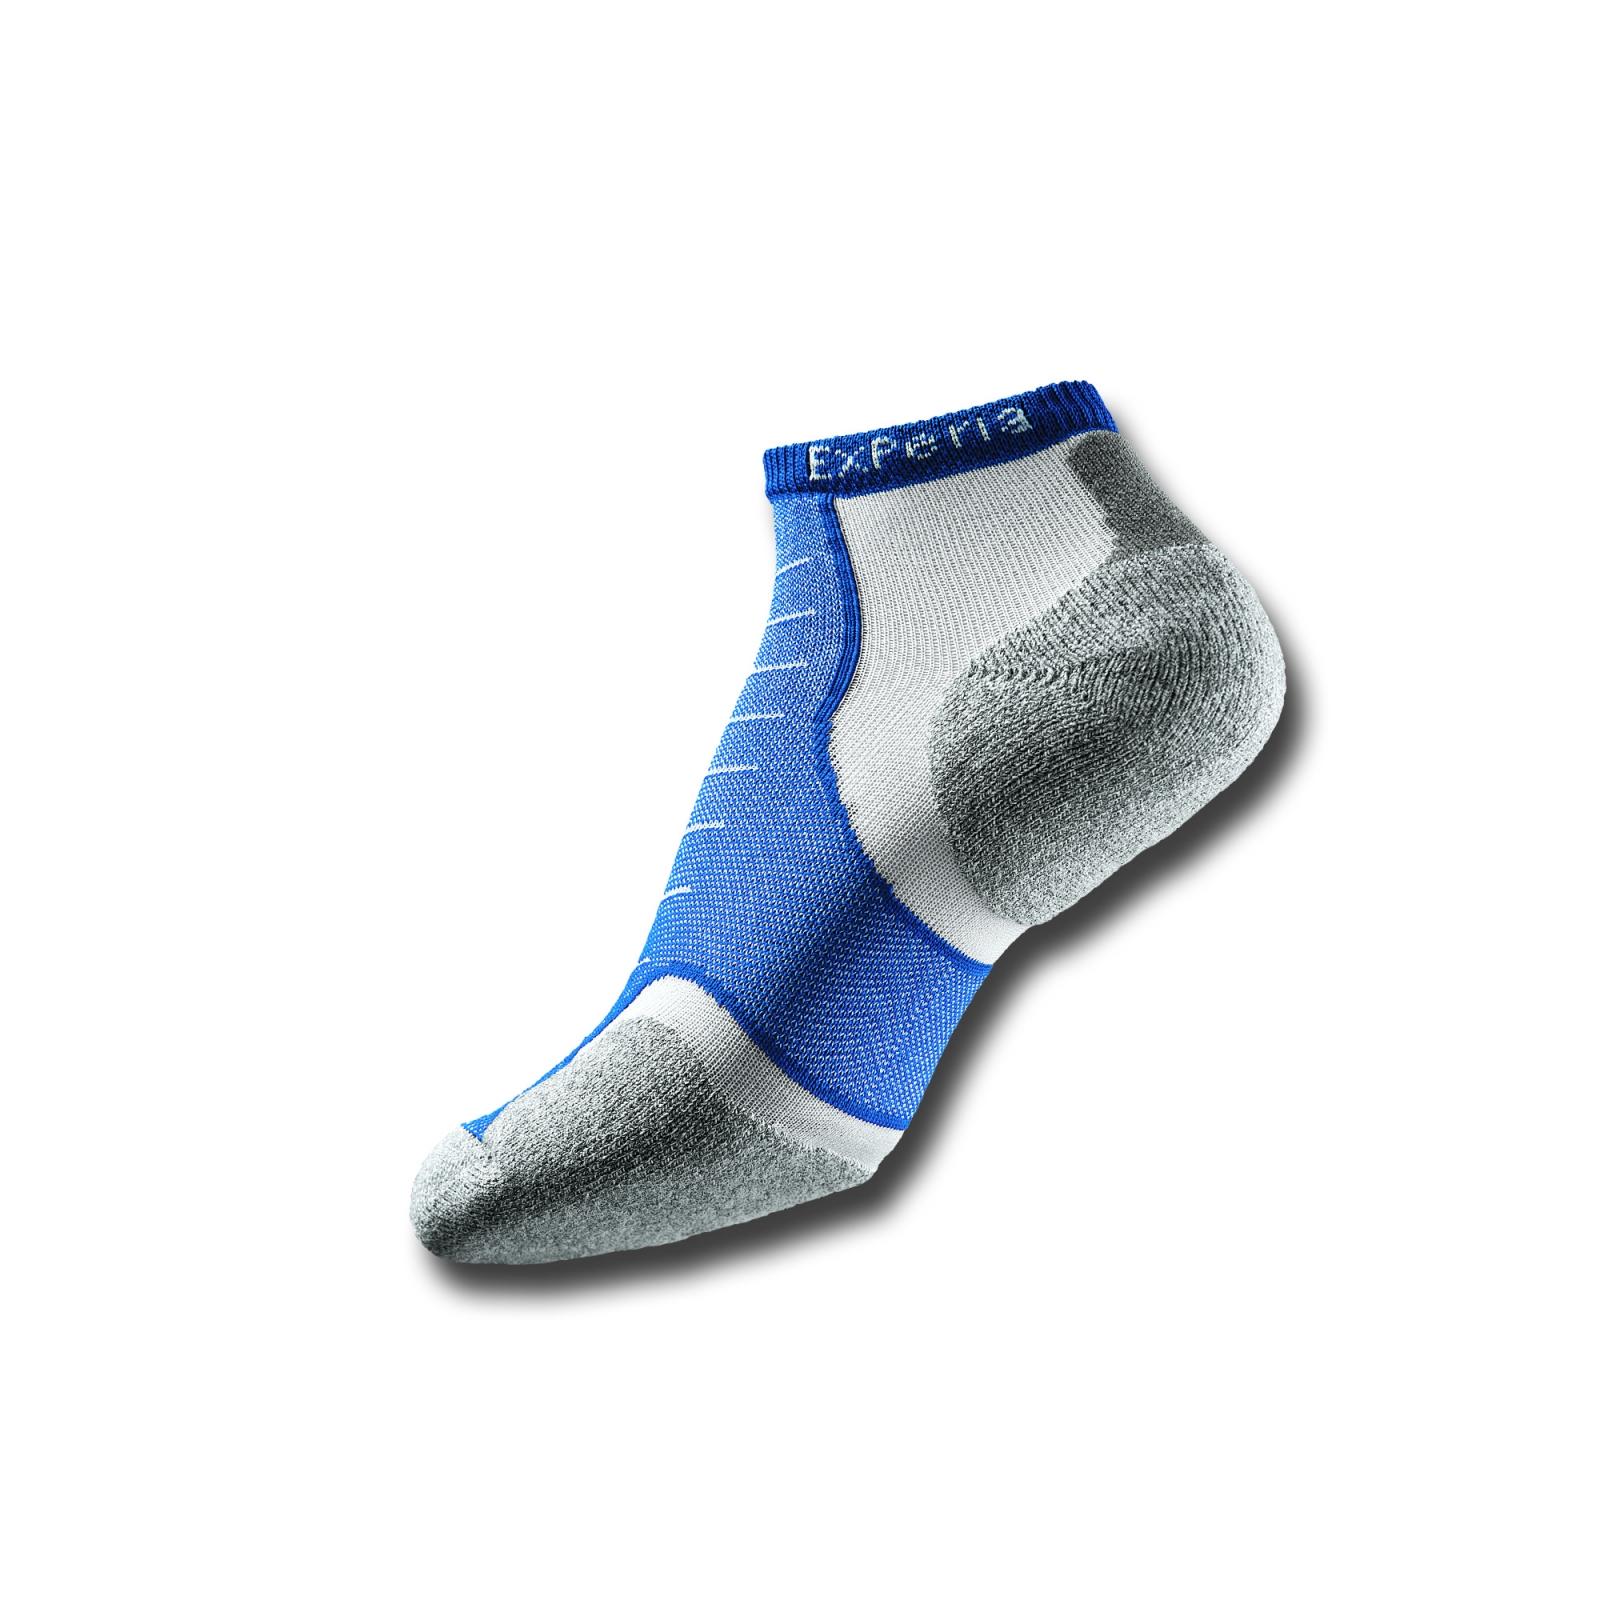 XCCU Experia® Multi-Sport Socks Low Cut